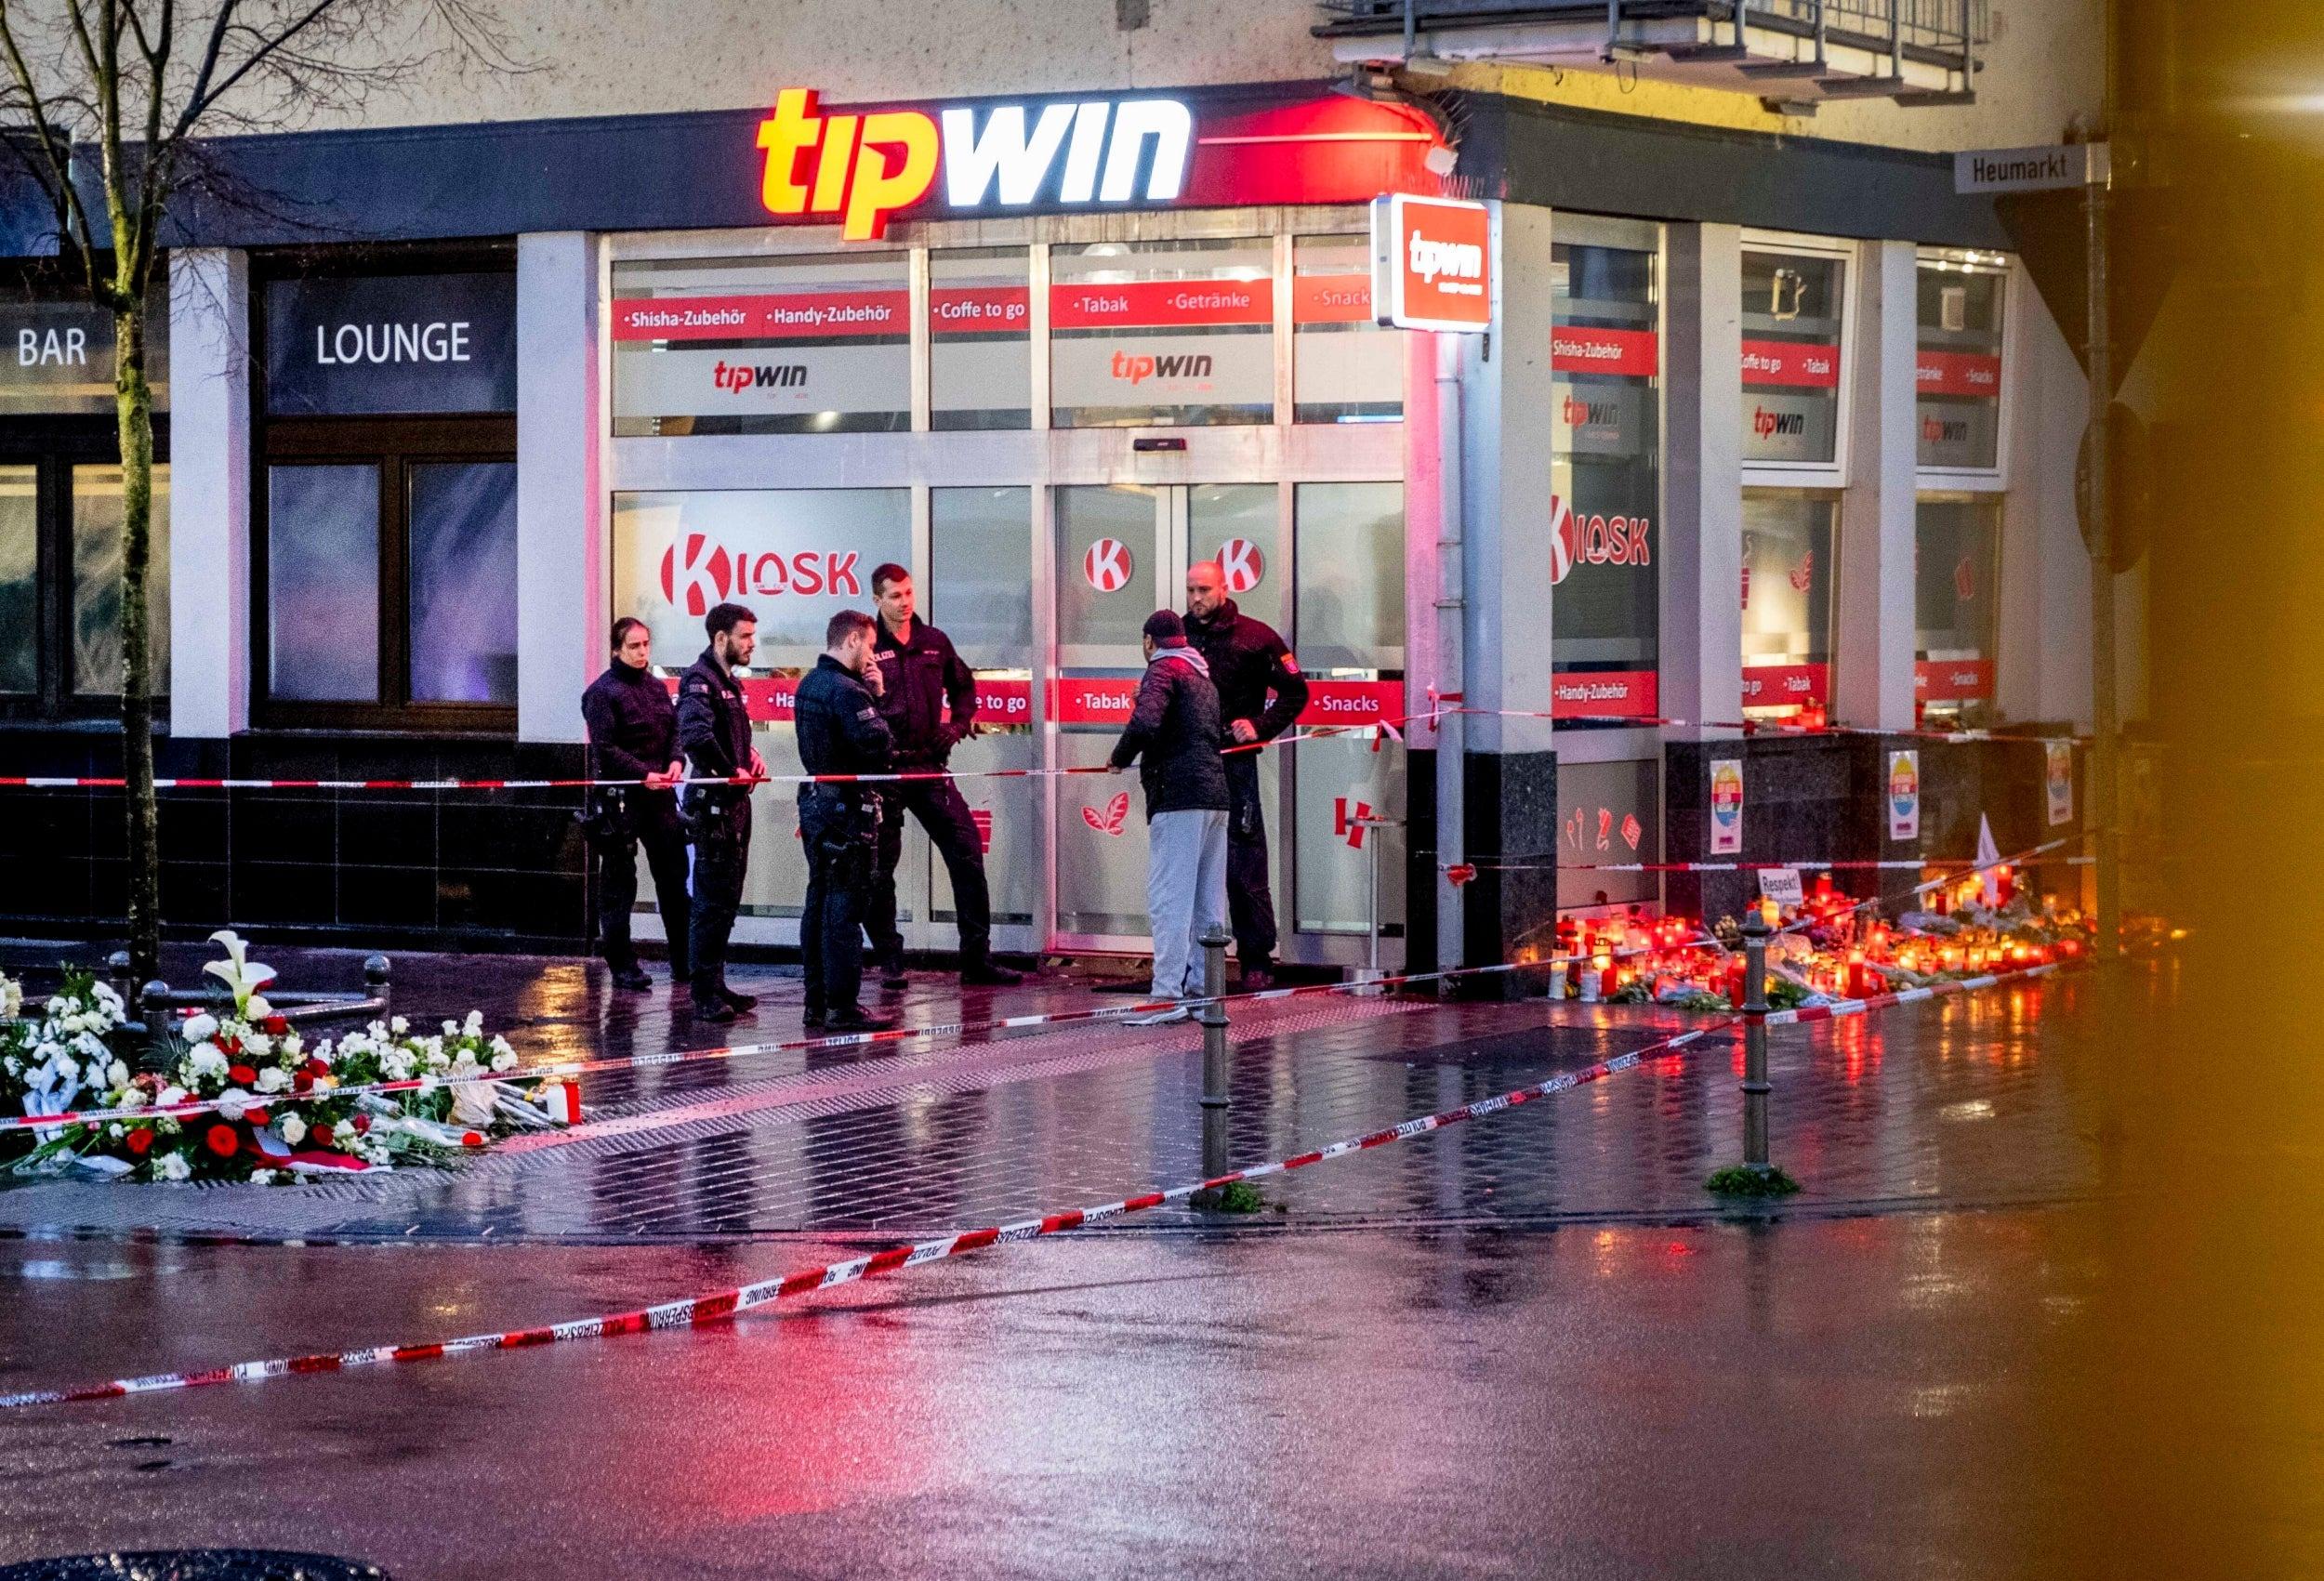 Deadly shisha bar attack followed targeting of